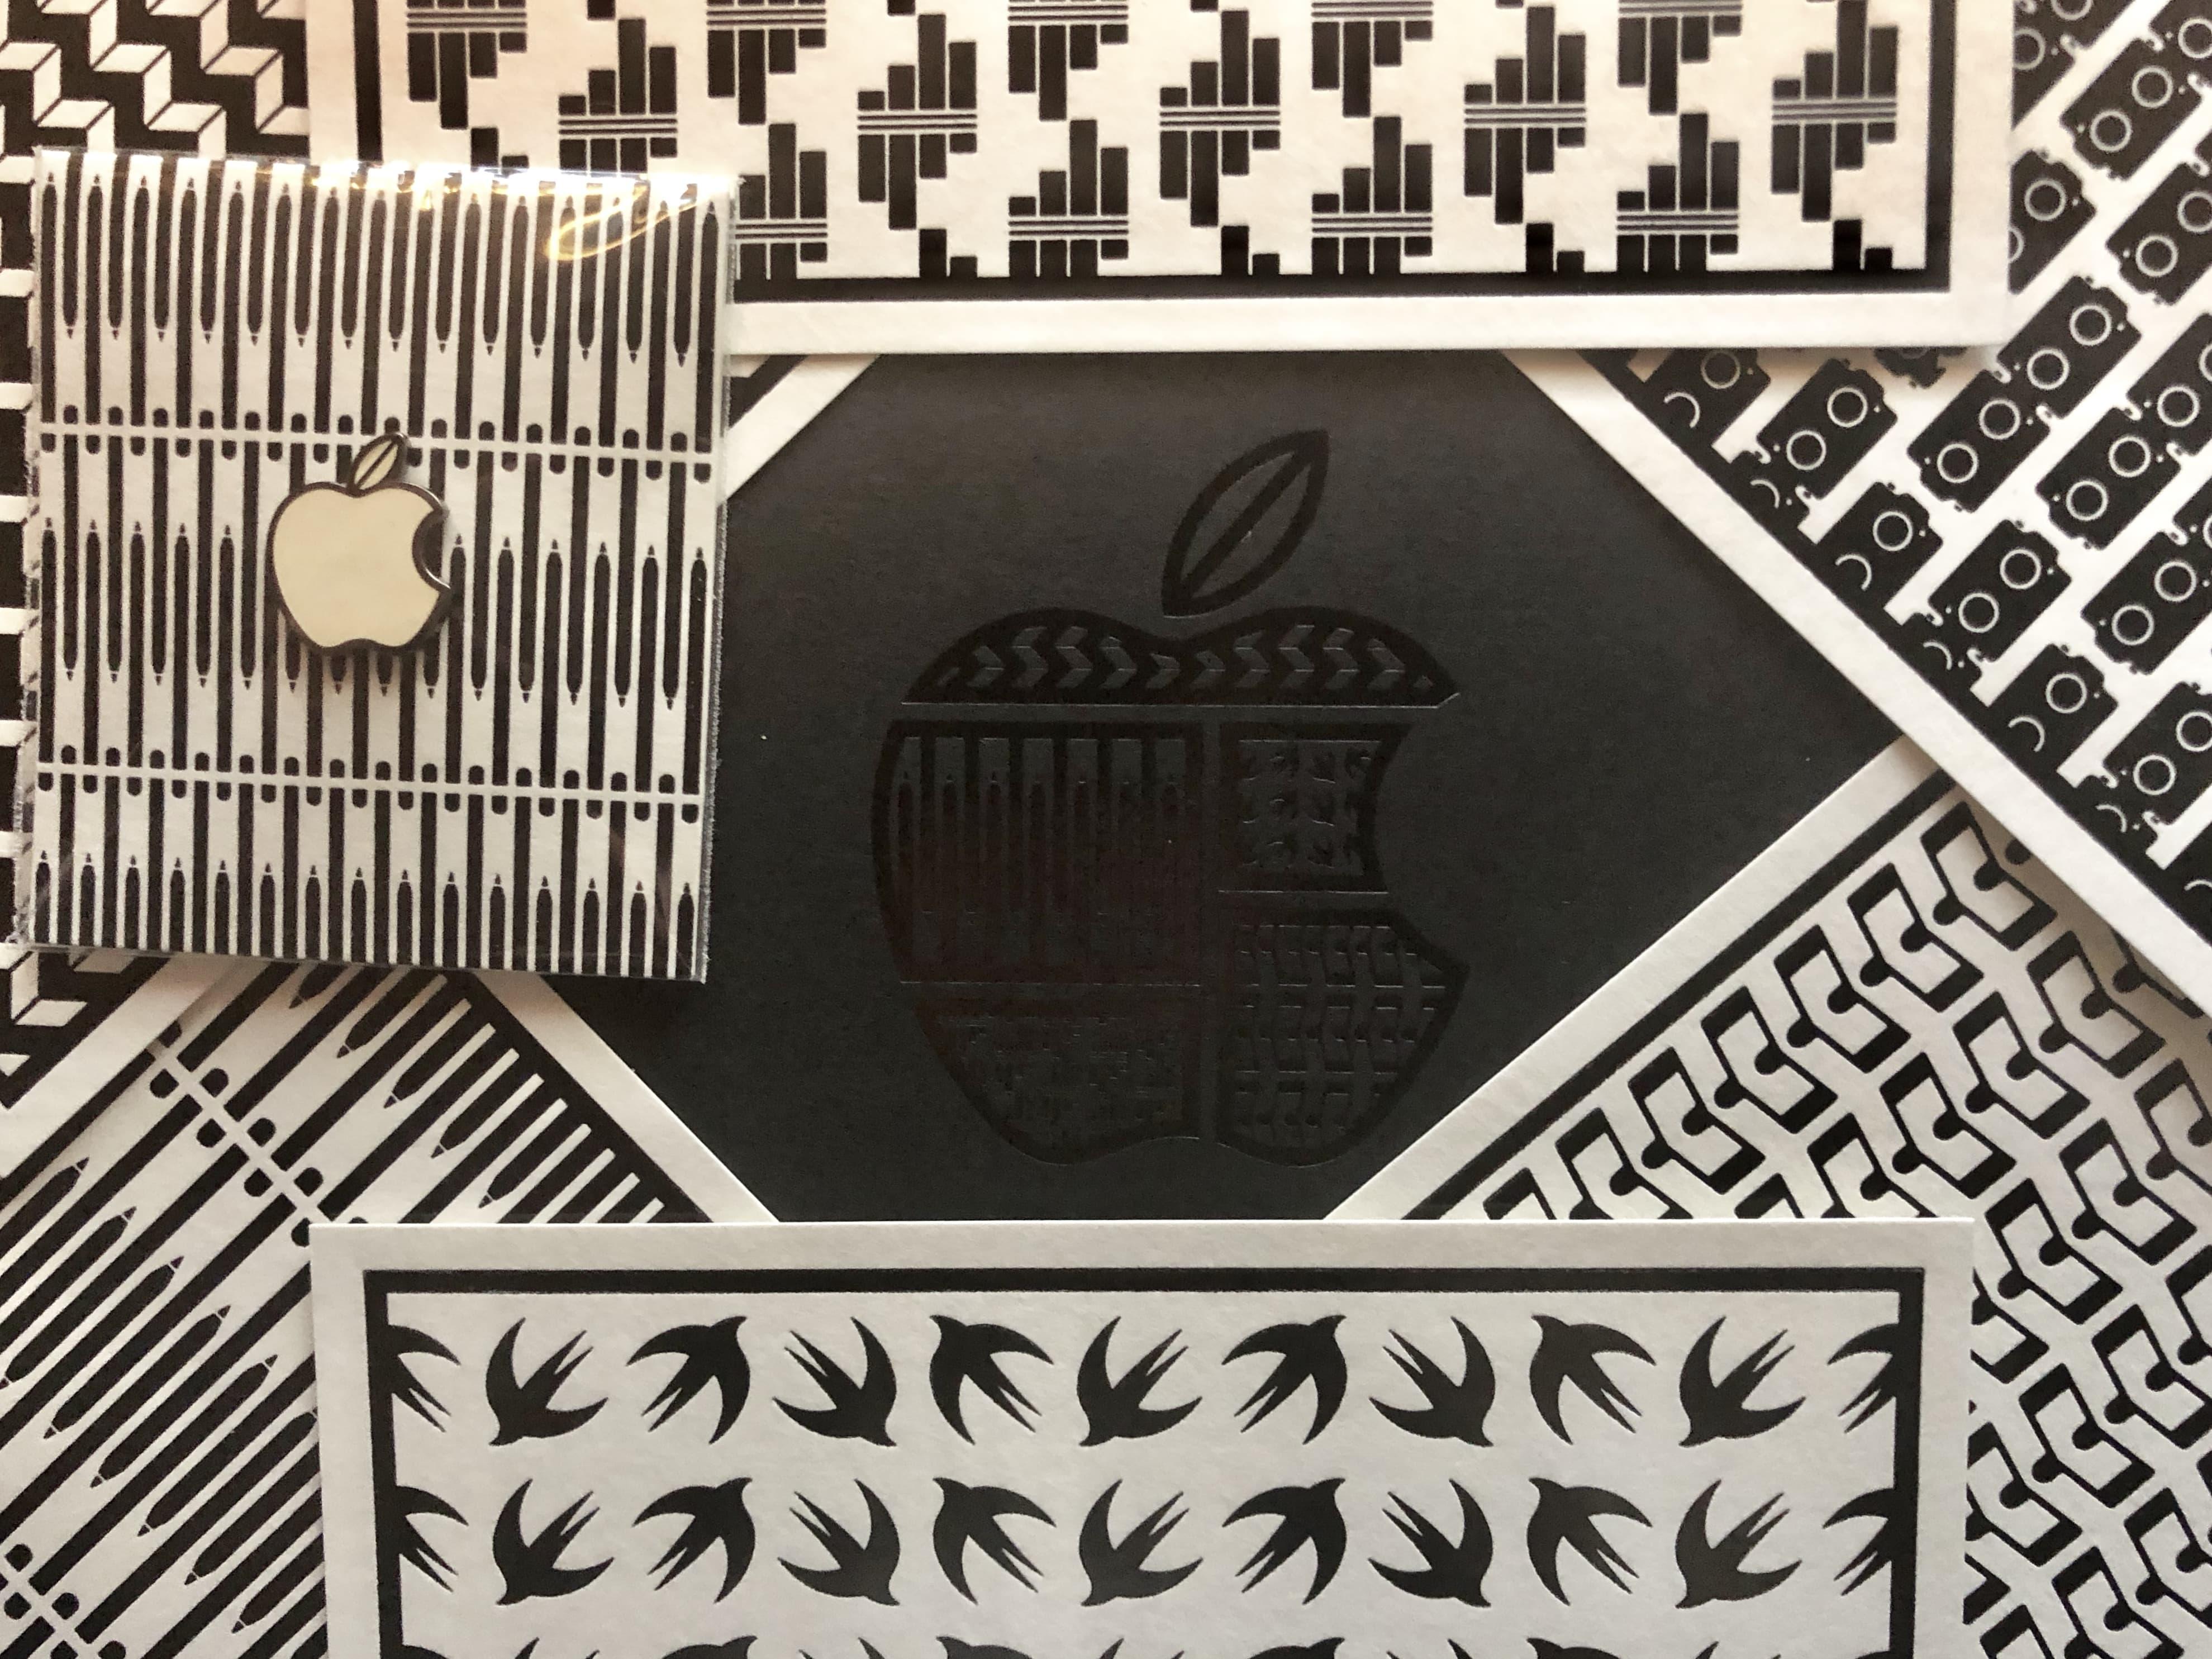 Postkarten statt T-Shirt, Apple Store Kärntnerstraße, Hack4Life, Fabian Geissler, Grand Opening